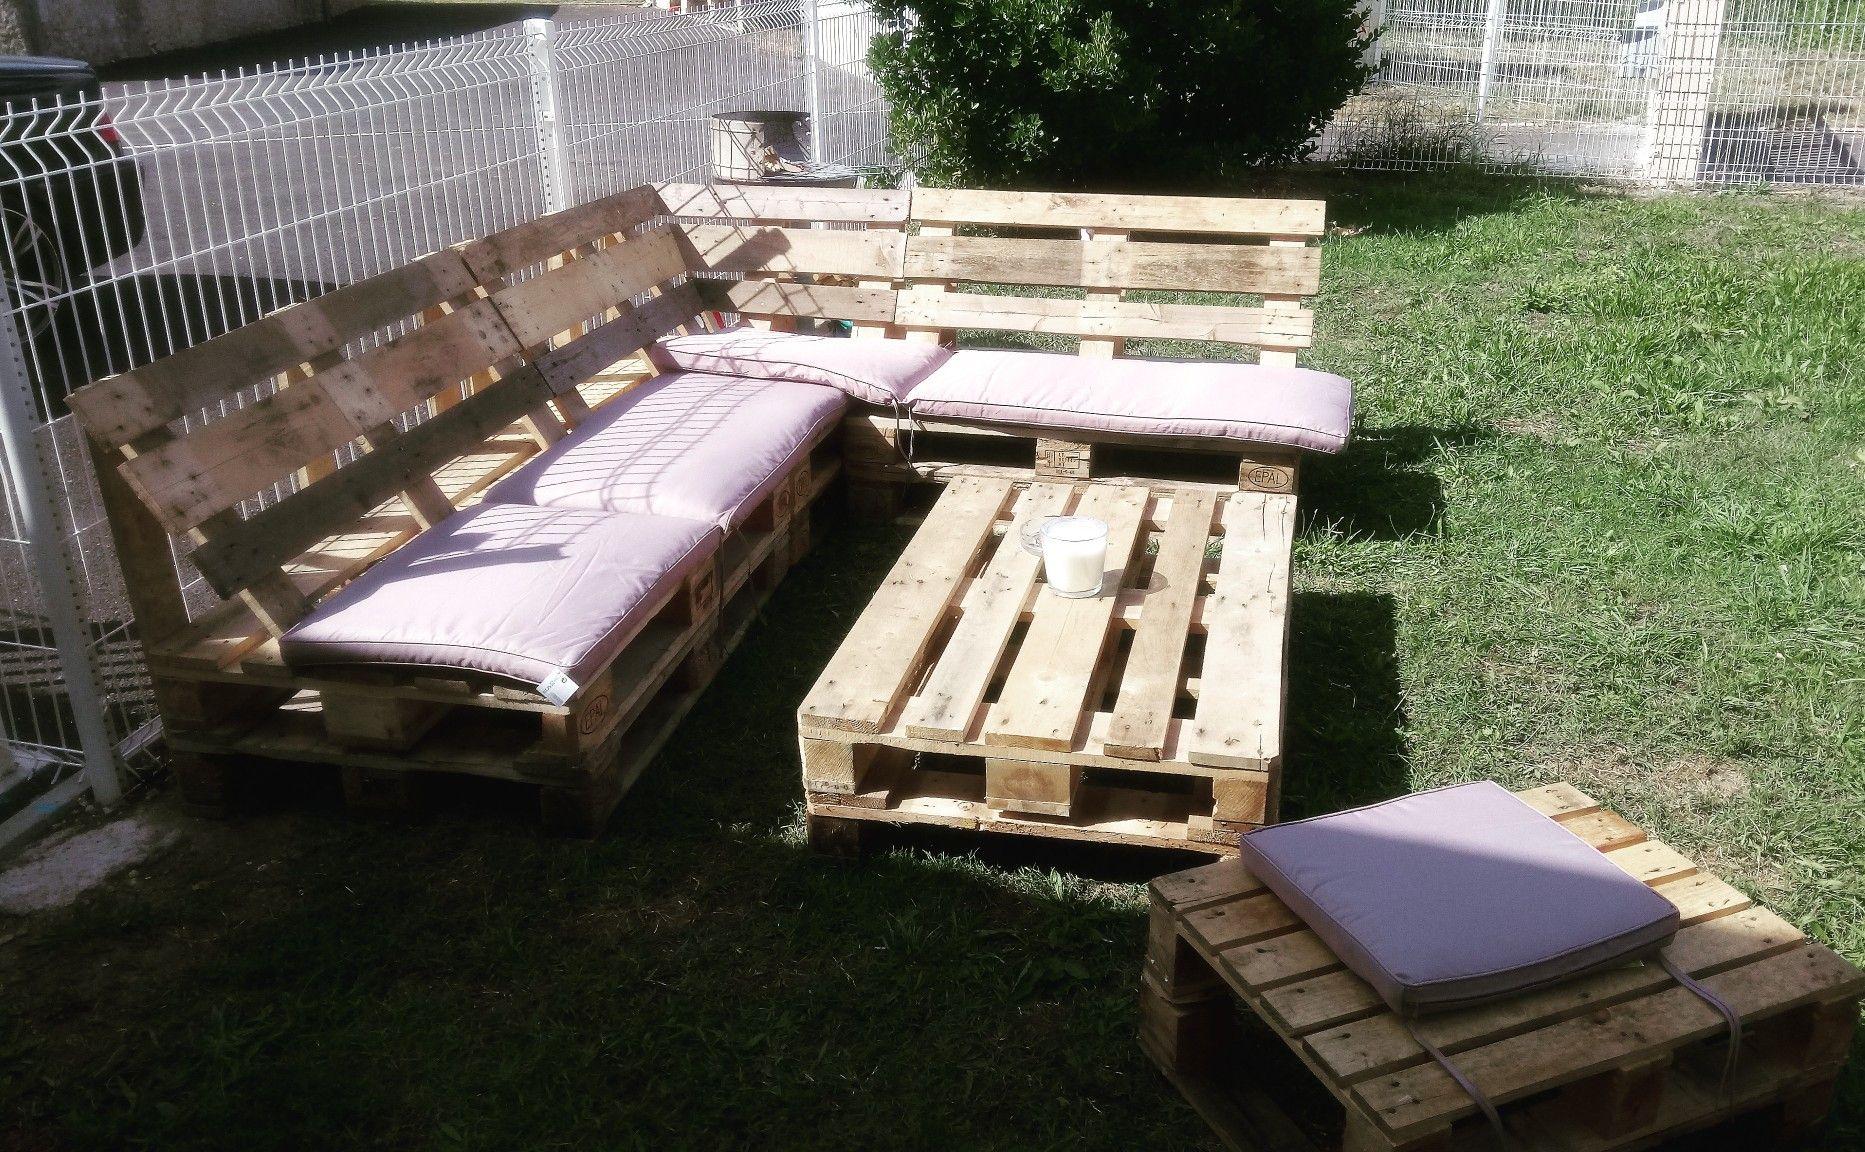 Salon de jardin avec des palettes 👌 😉  Salon de jardin, Idee